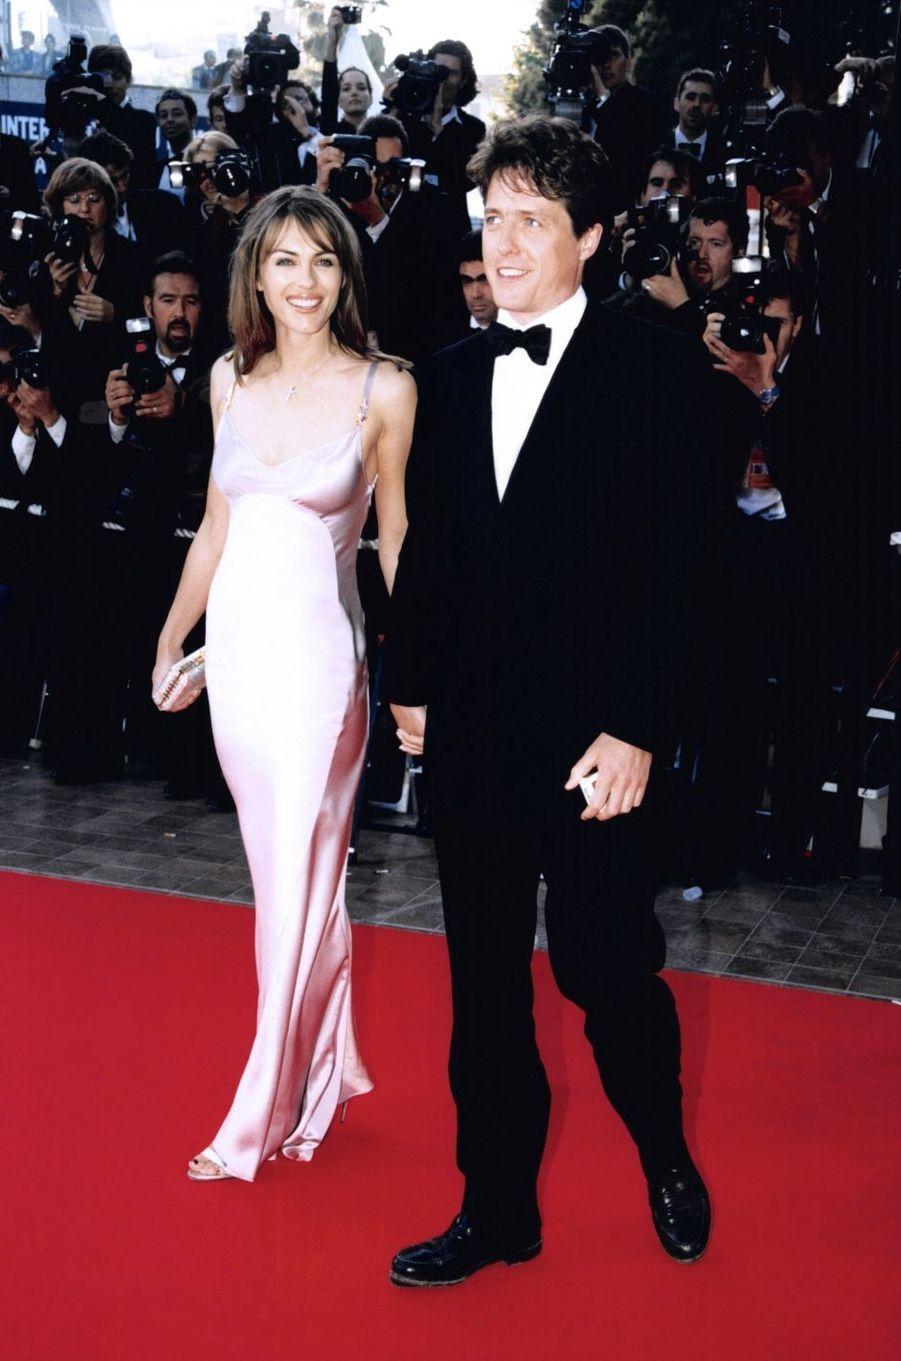 Liz Hurley et Hugh Grant en 1997. Ils se sont rencontrés en 1987 et se sont séparés en 2000.